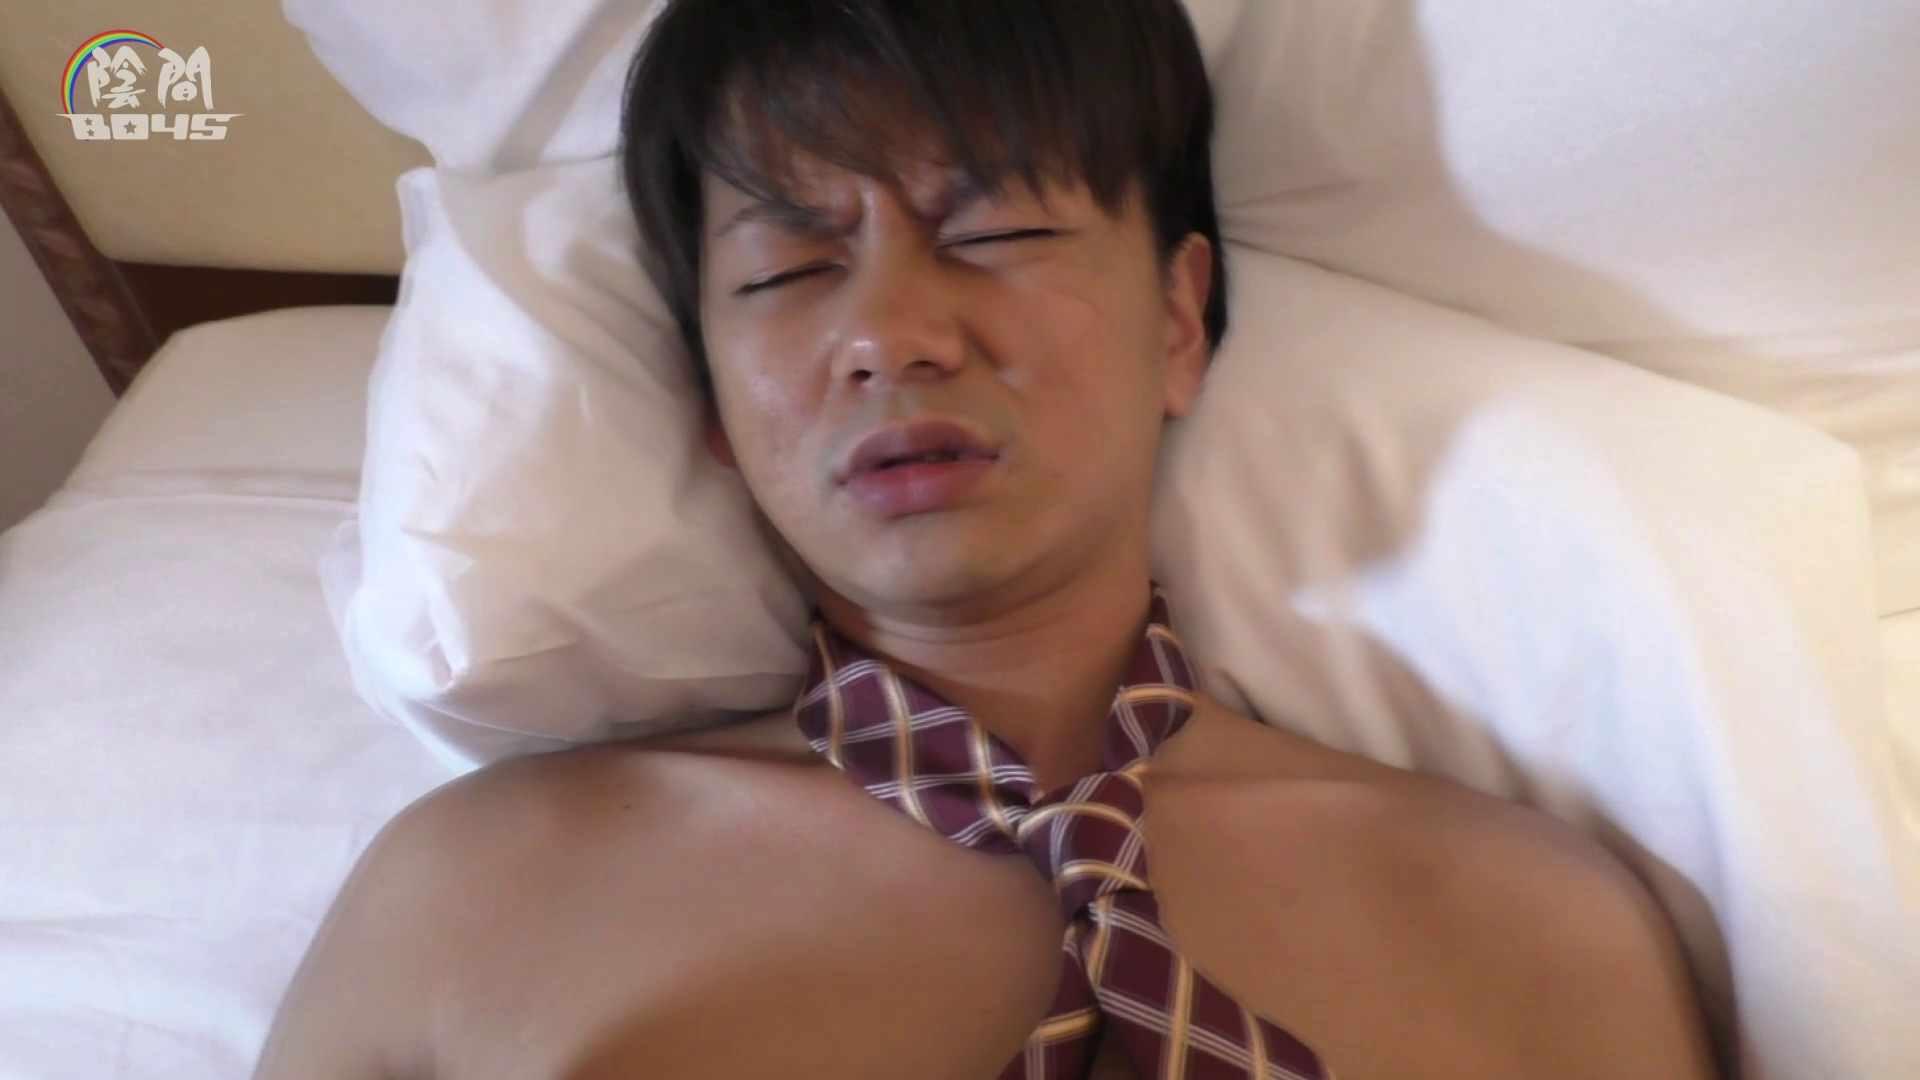 陰間BOYS~キャバクラの仕事はアナルから4 Vol.03 ザーメン  83pic 67